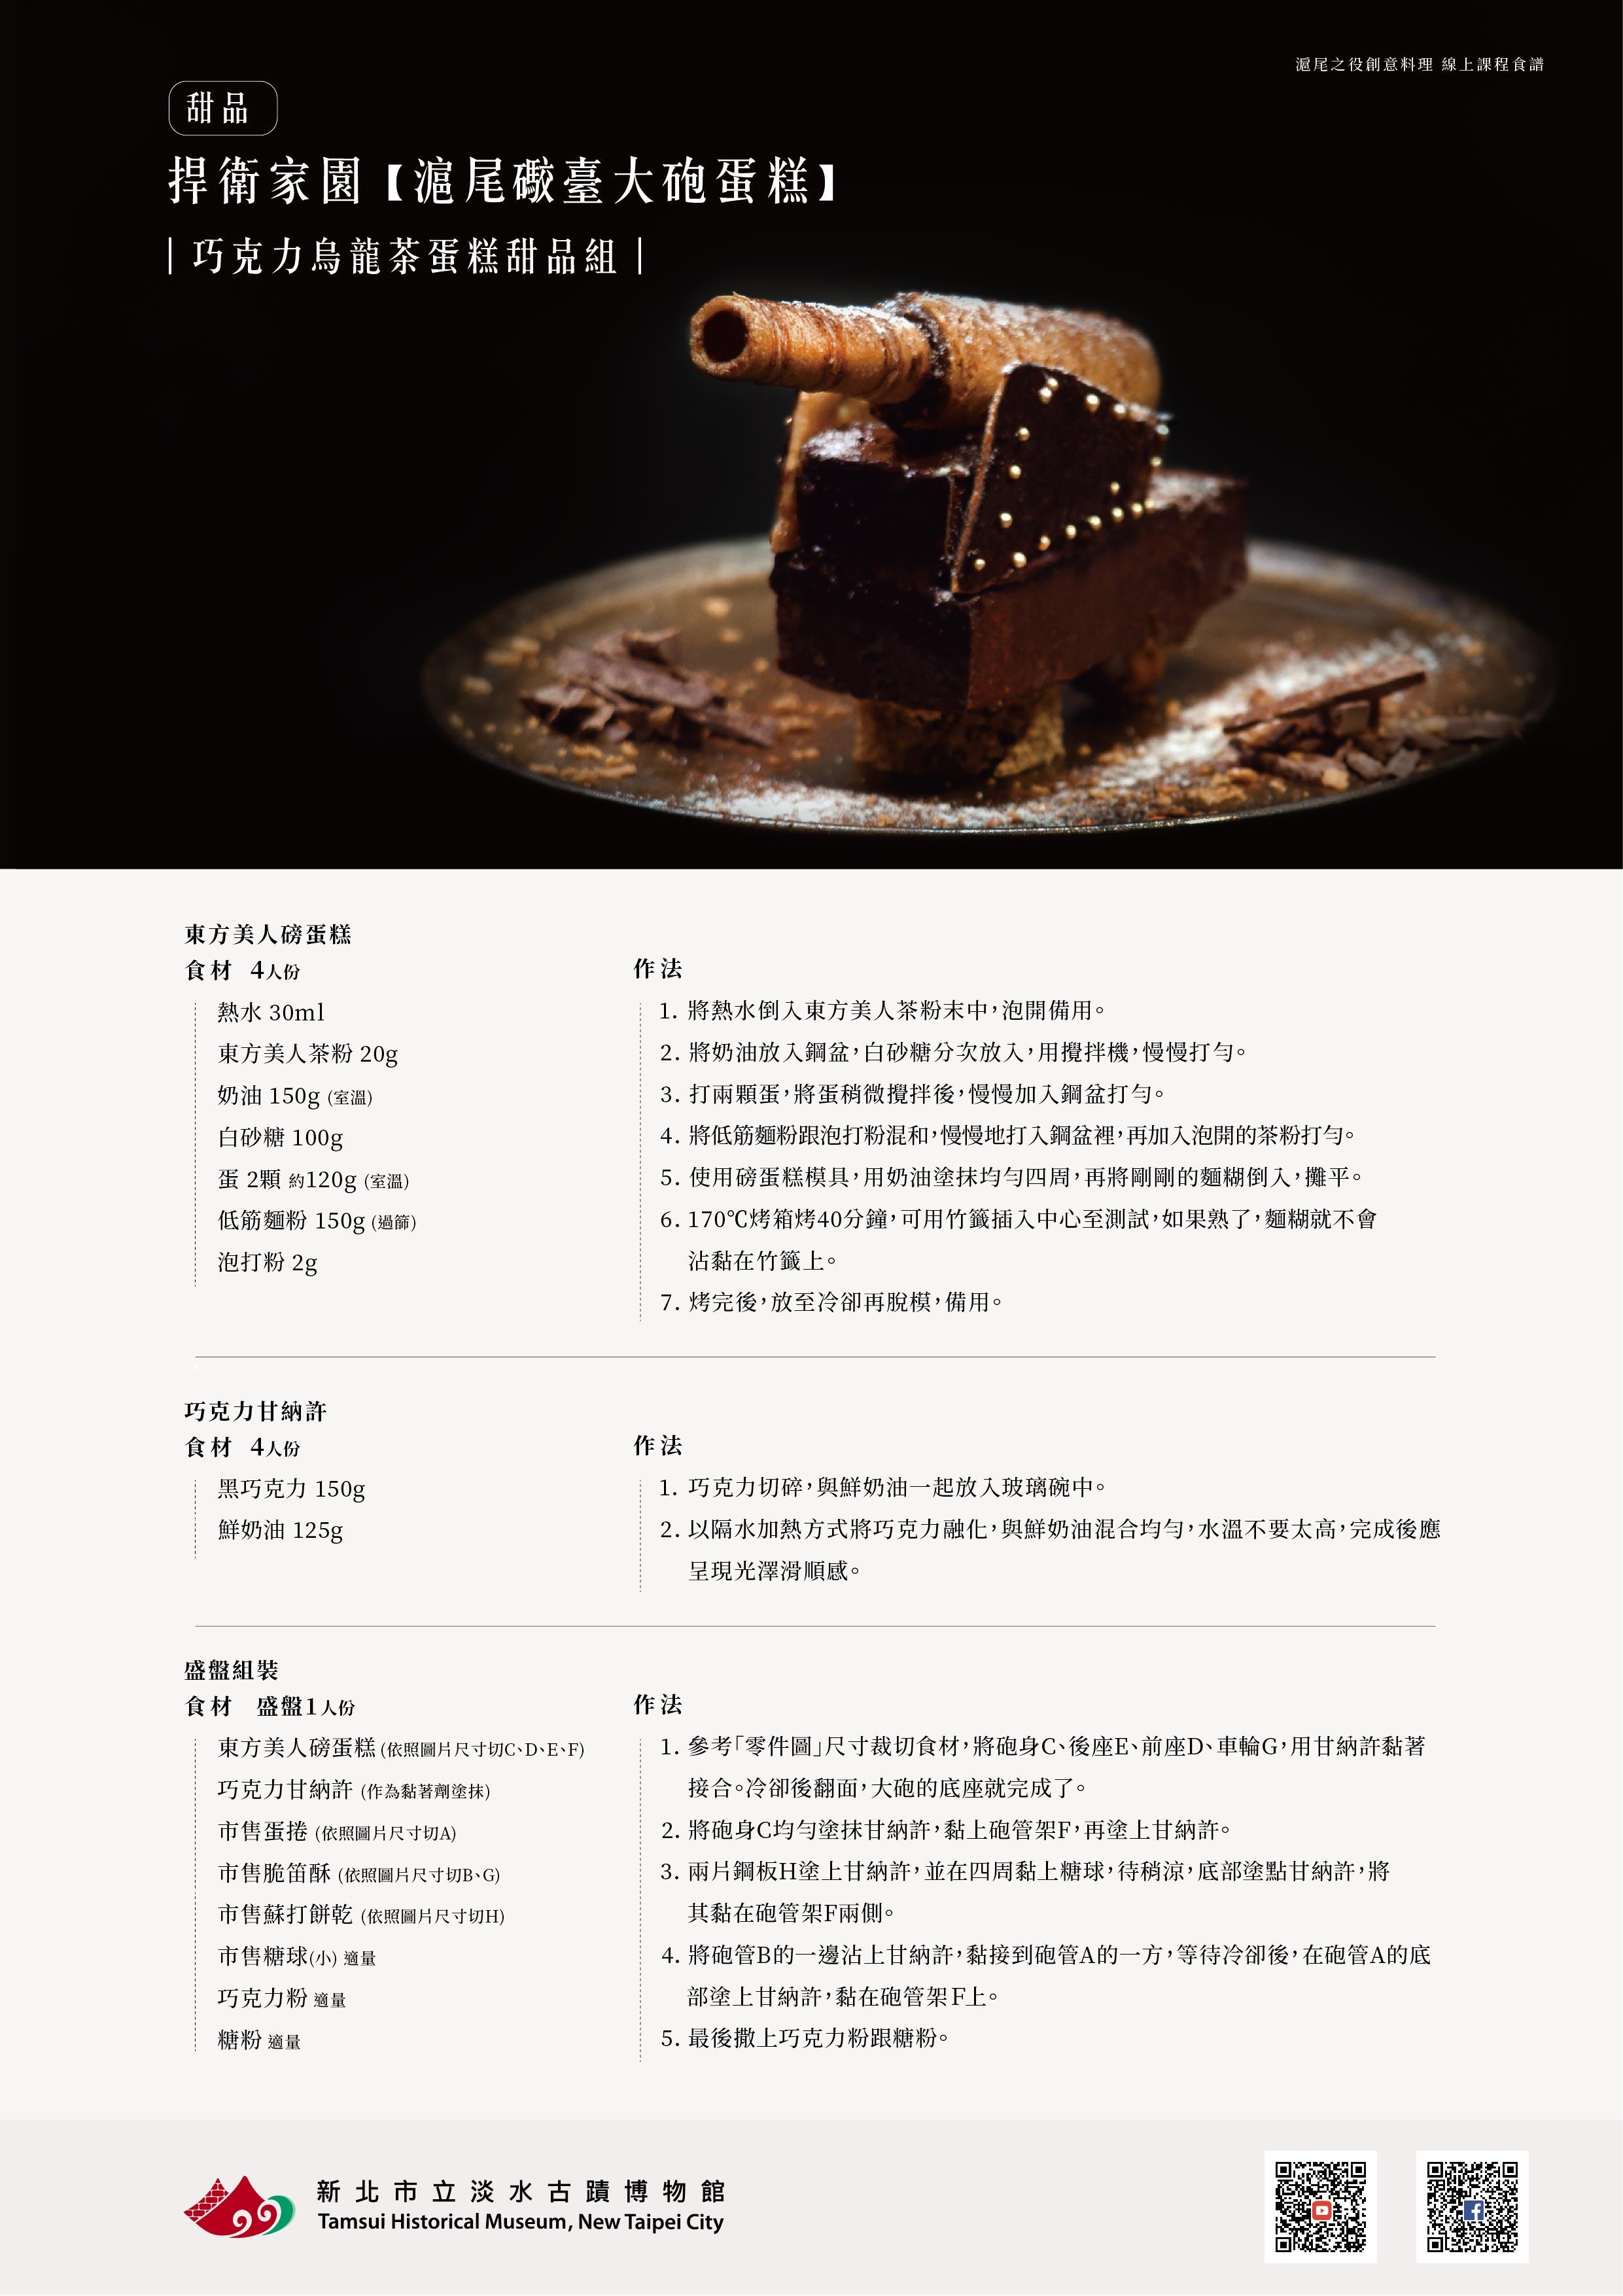 食譜-滬尾礟臺大砲蛋糕